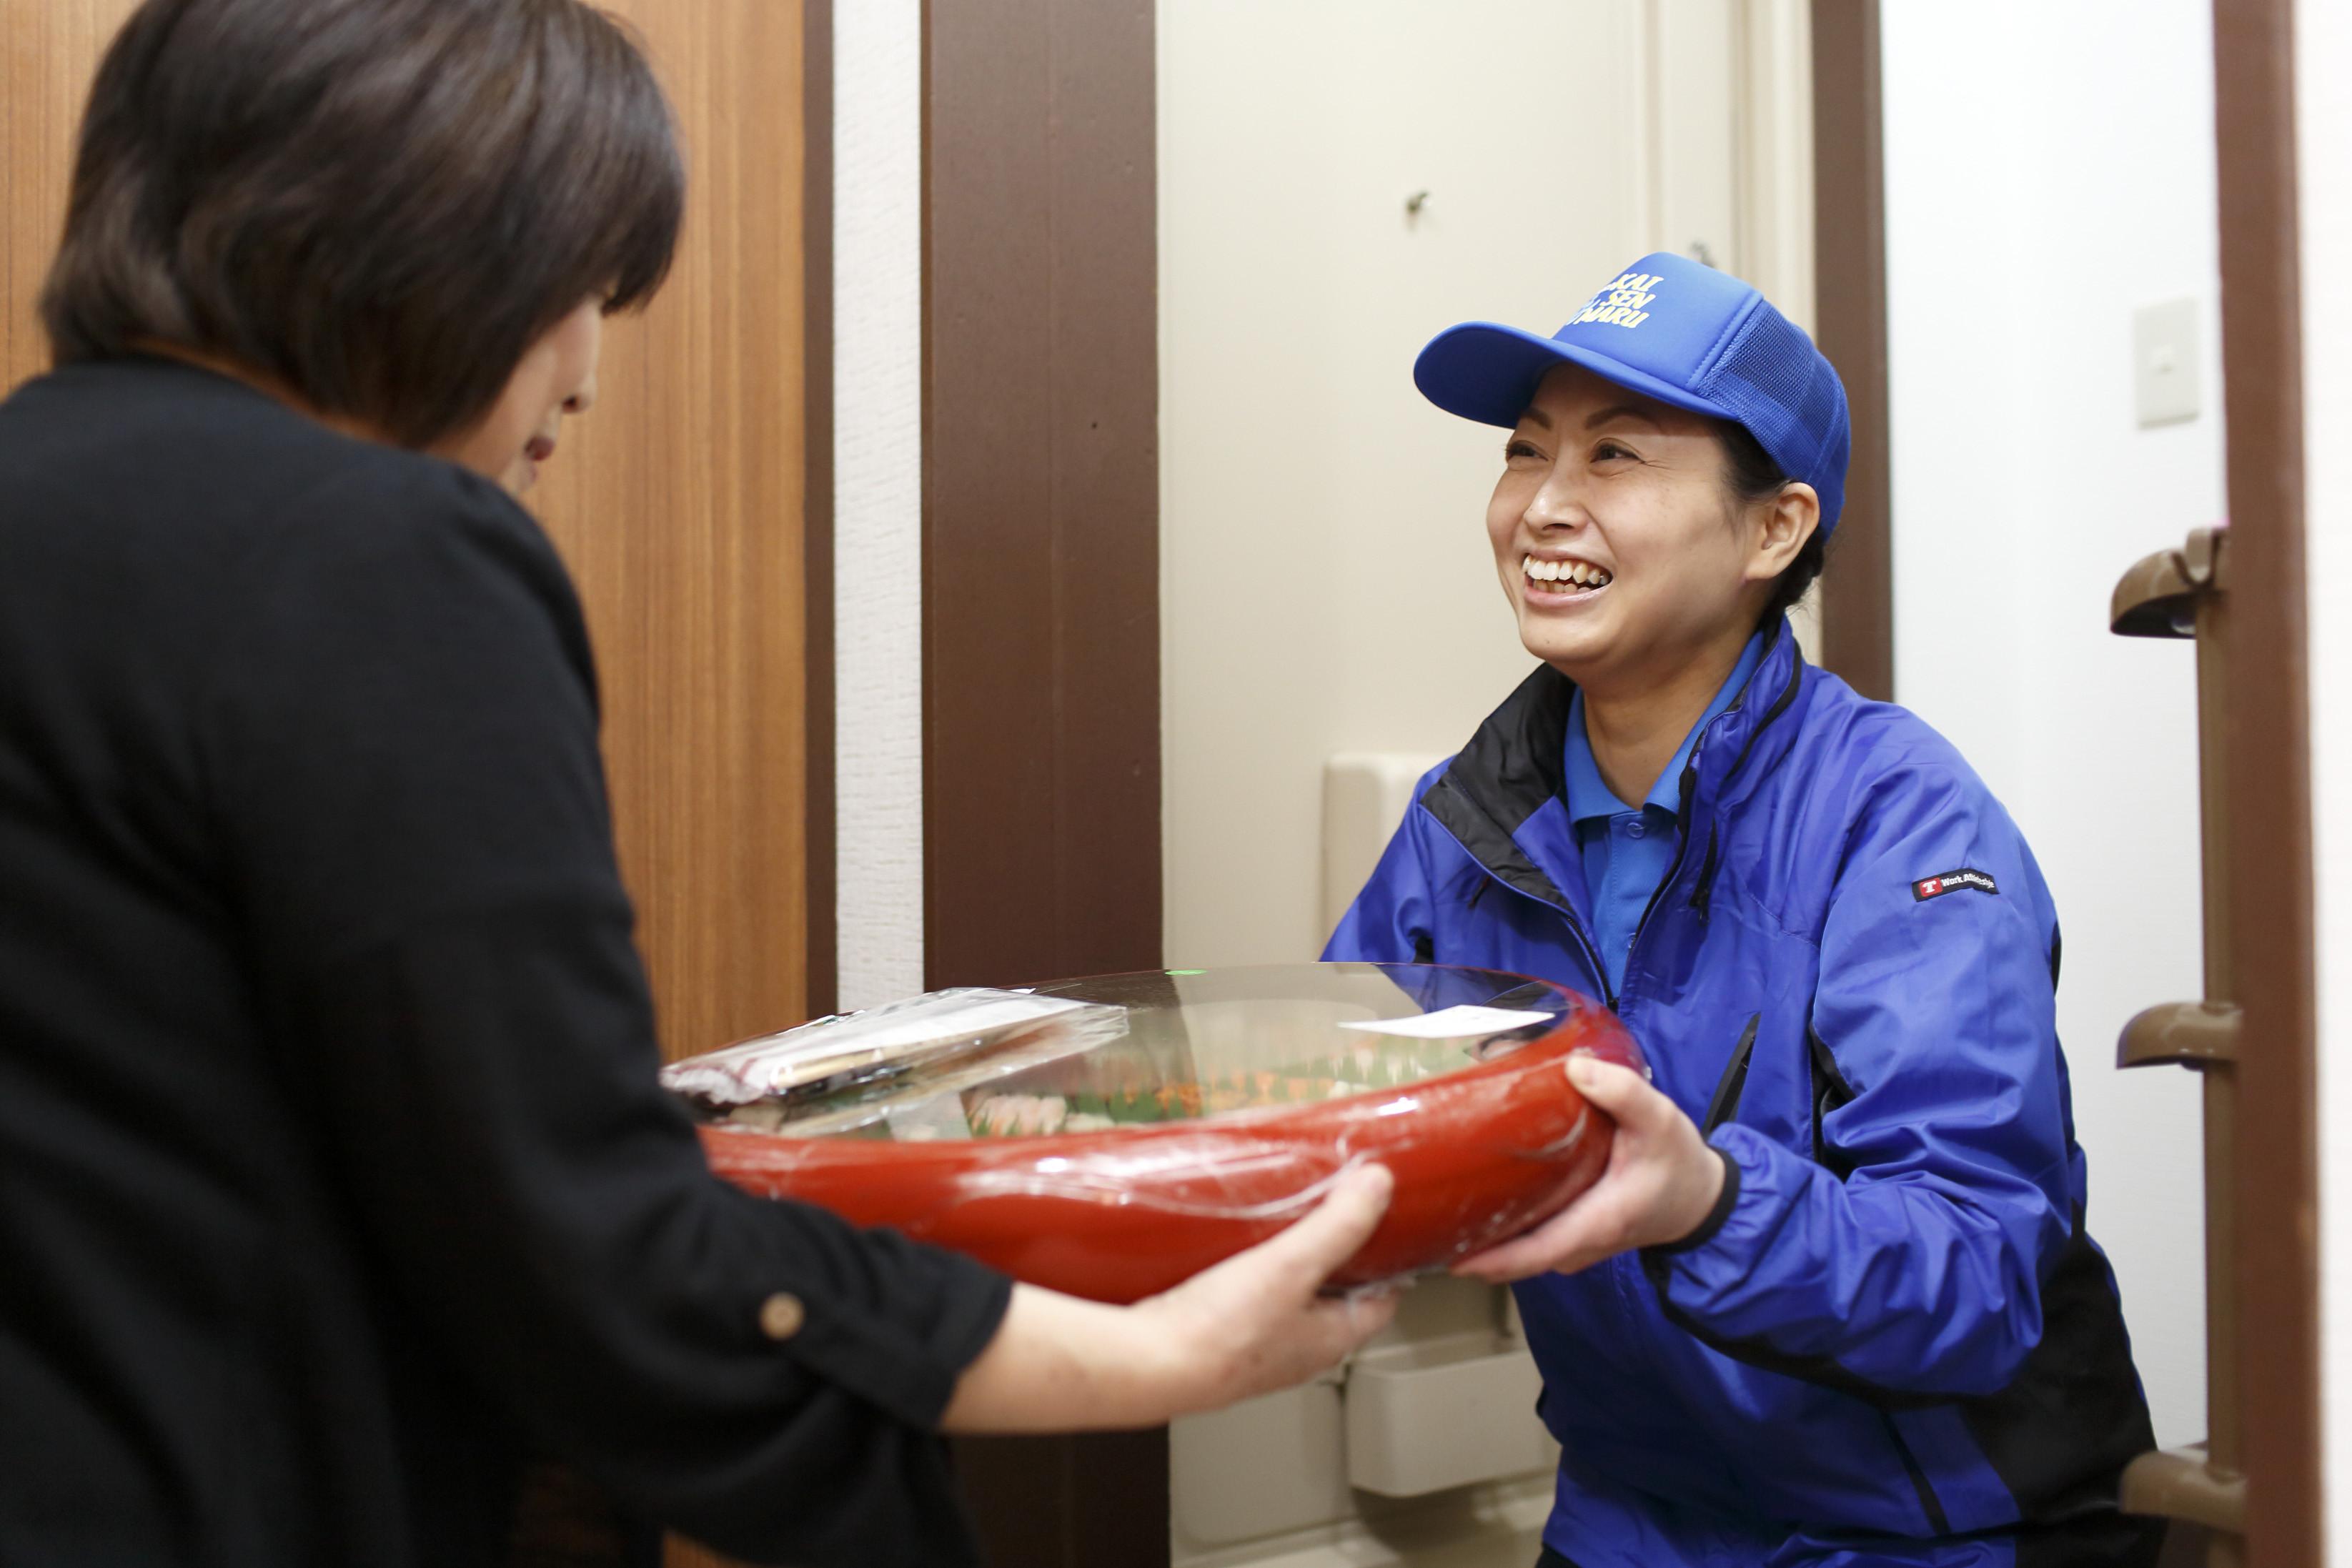 札幌海鮮丸 石山店 デリバリー(配達)スタッフのアルバイト情報